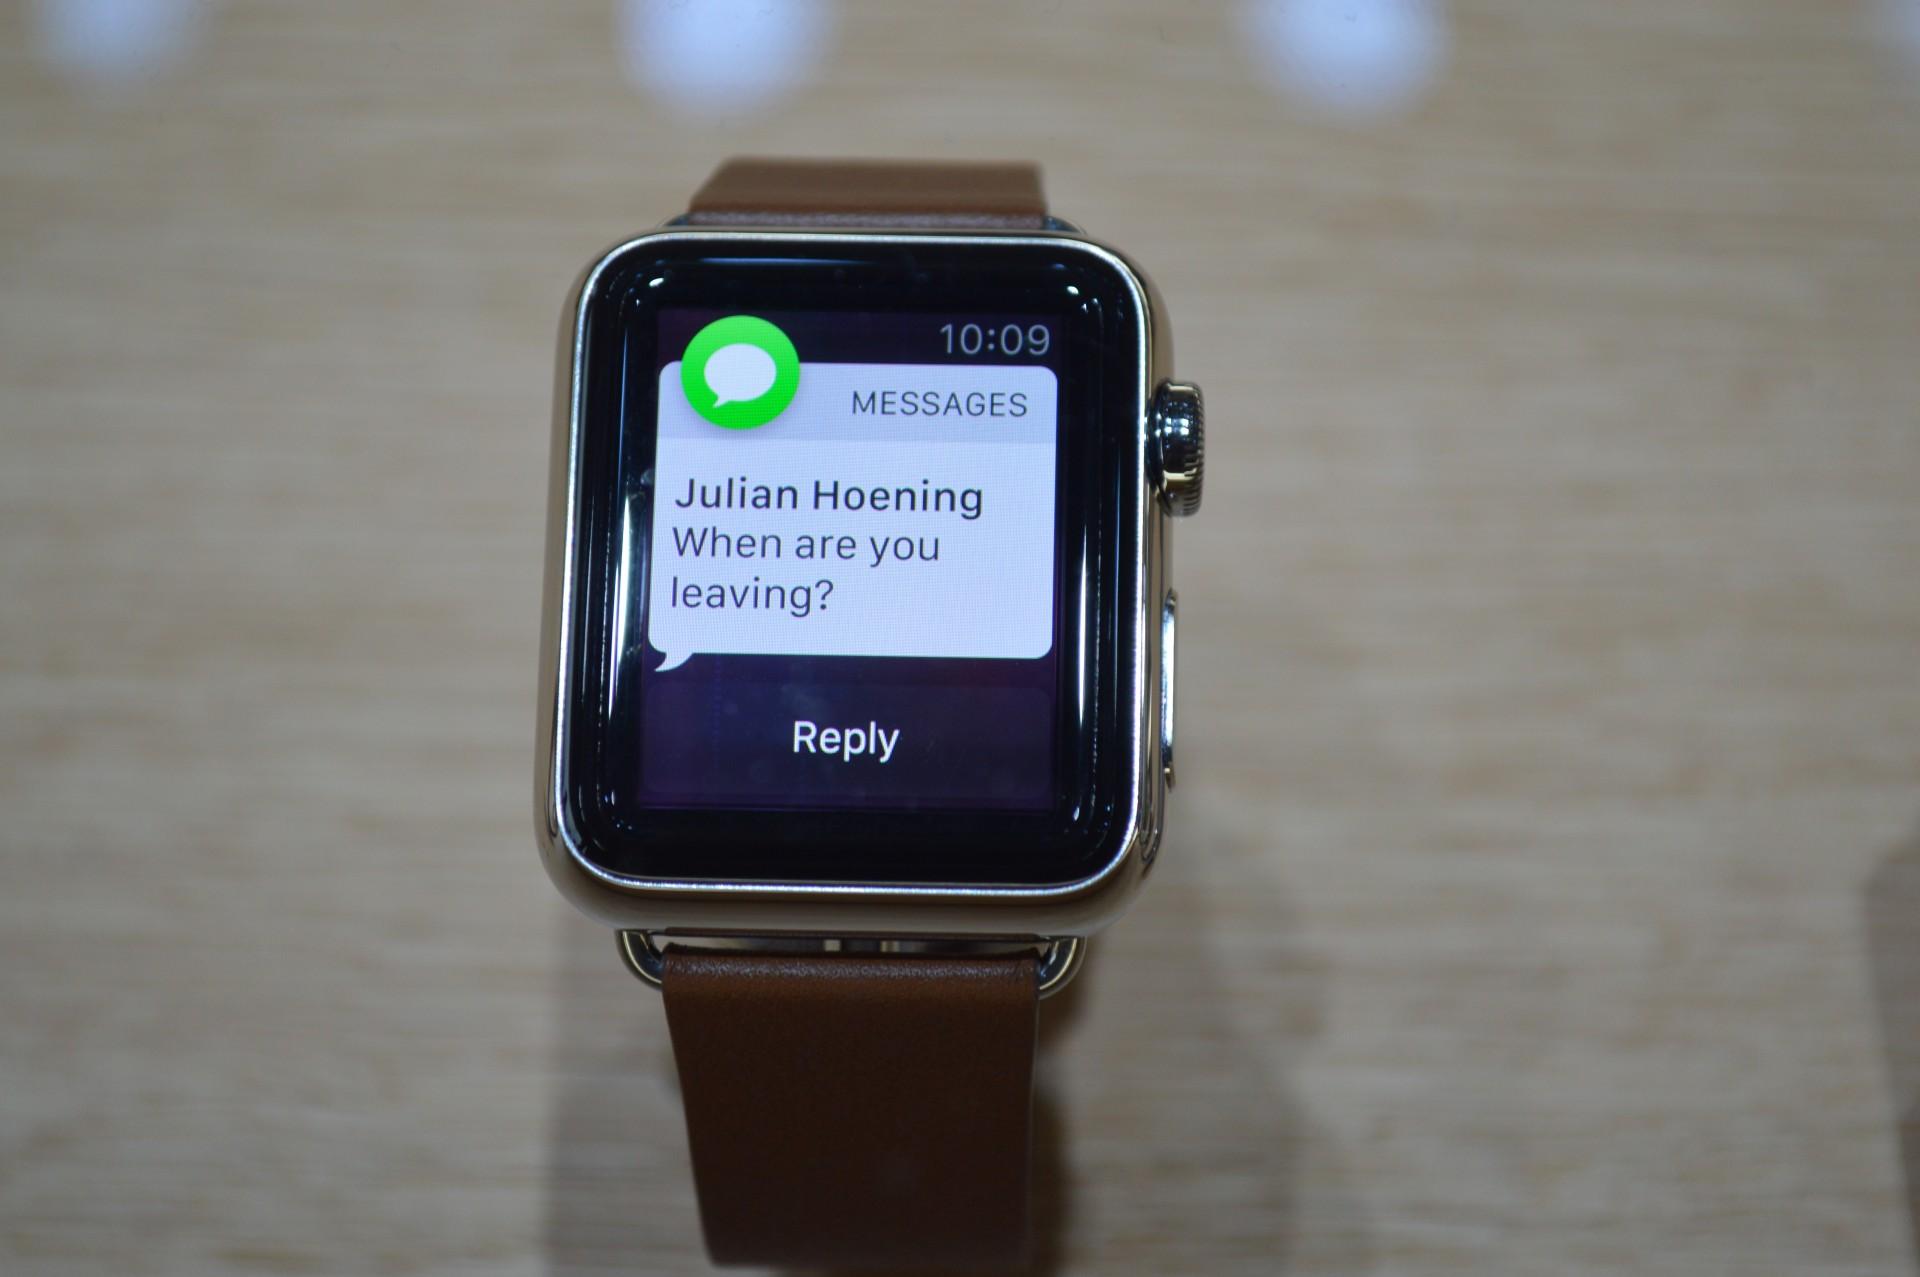 image001 - Sự kiện 09-03-2015 của Apple sẽ là về Watch?